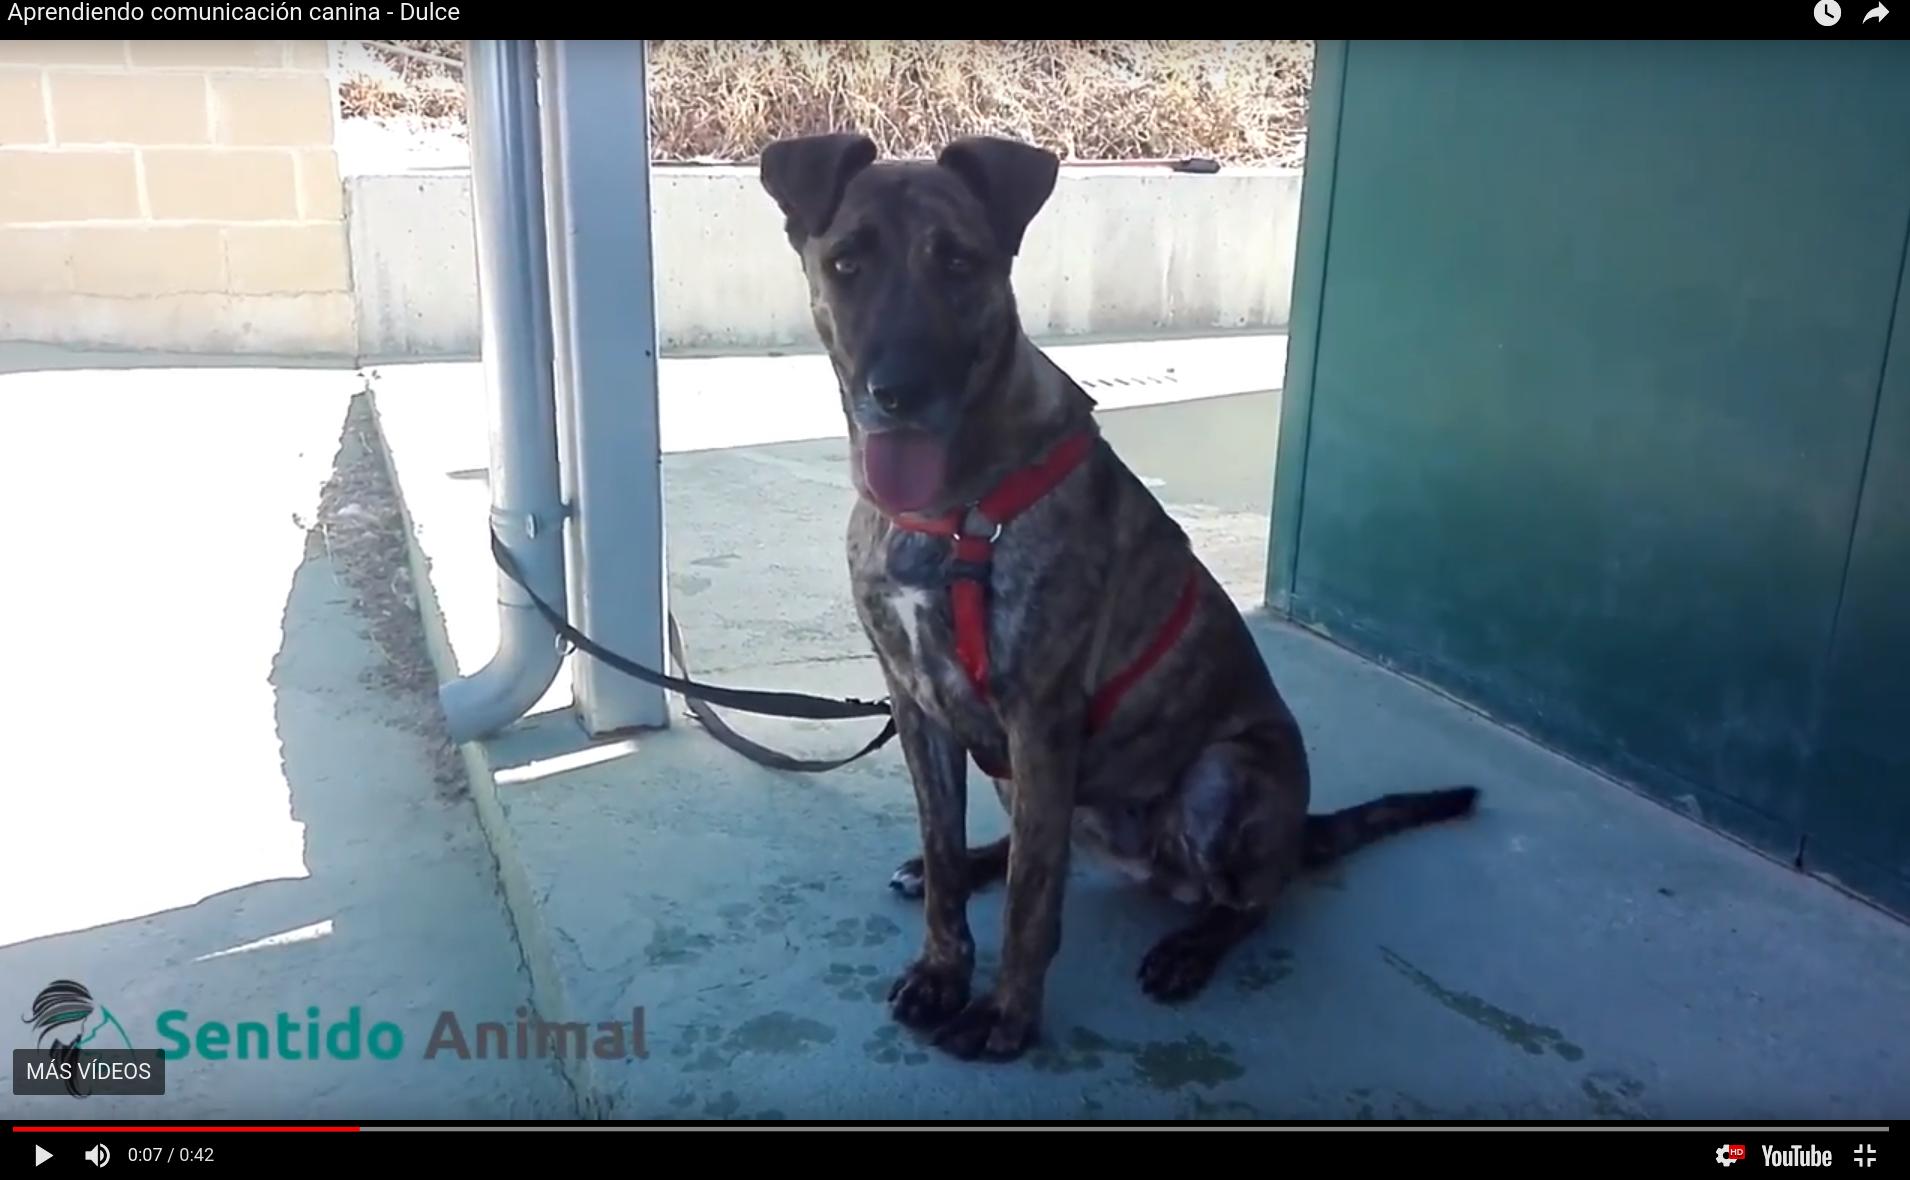 Aprendiendo sobre comunicación canina – Dulce